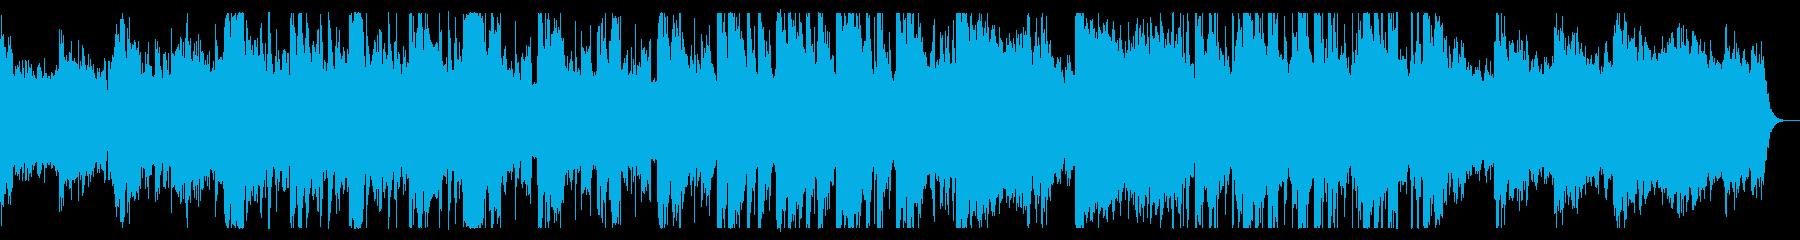 アンニュイなイメージのダウンビートの再生済みの波形